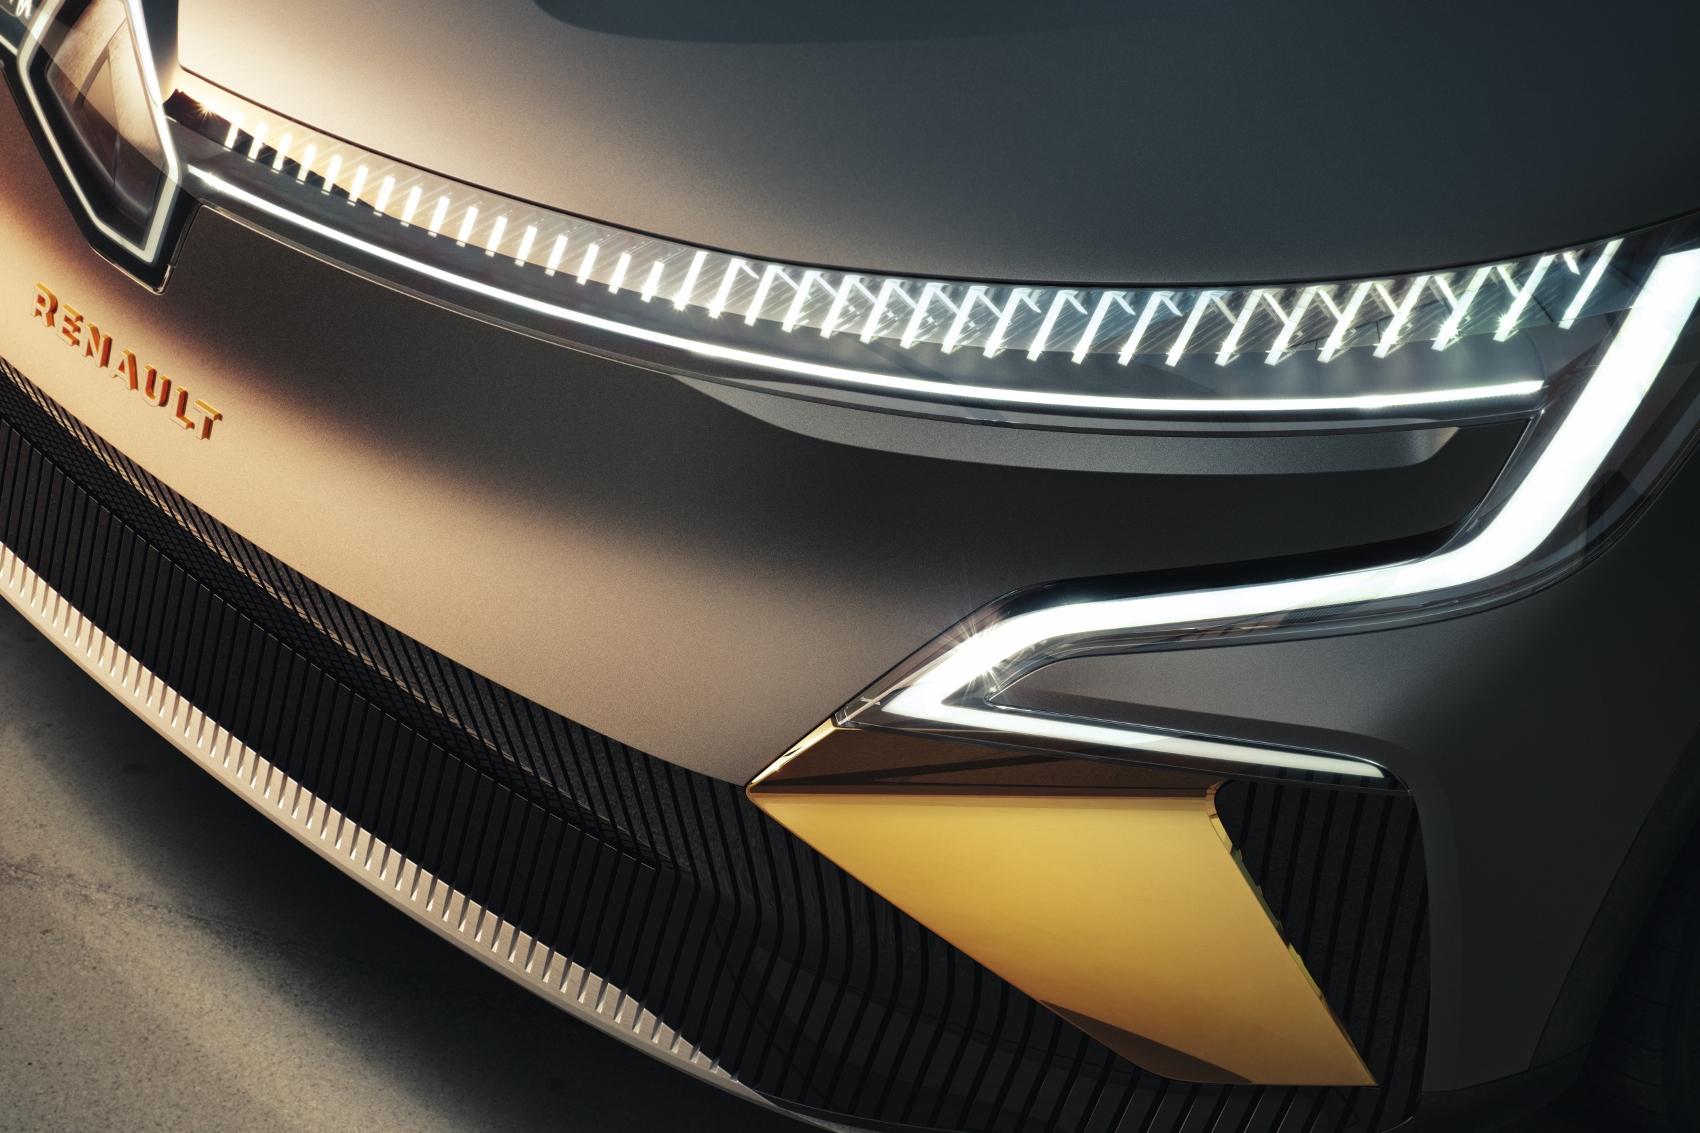 Renault ukázal elektrický koncept Megane. Na tradičný Megane sa nepodobá cyPa4aGgSv 2020-mgane-evisi